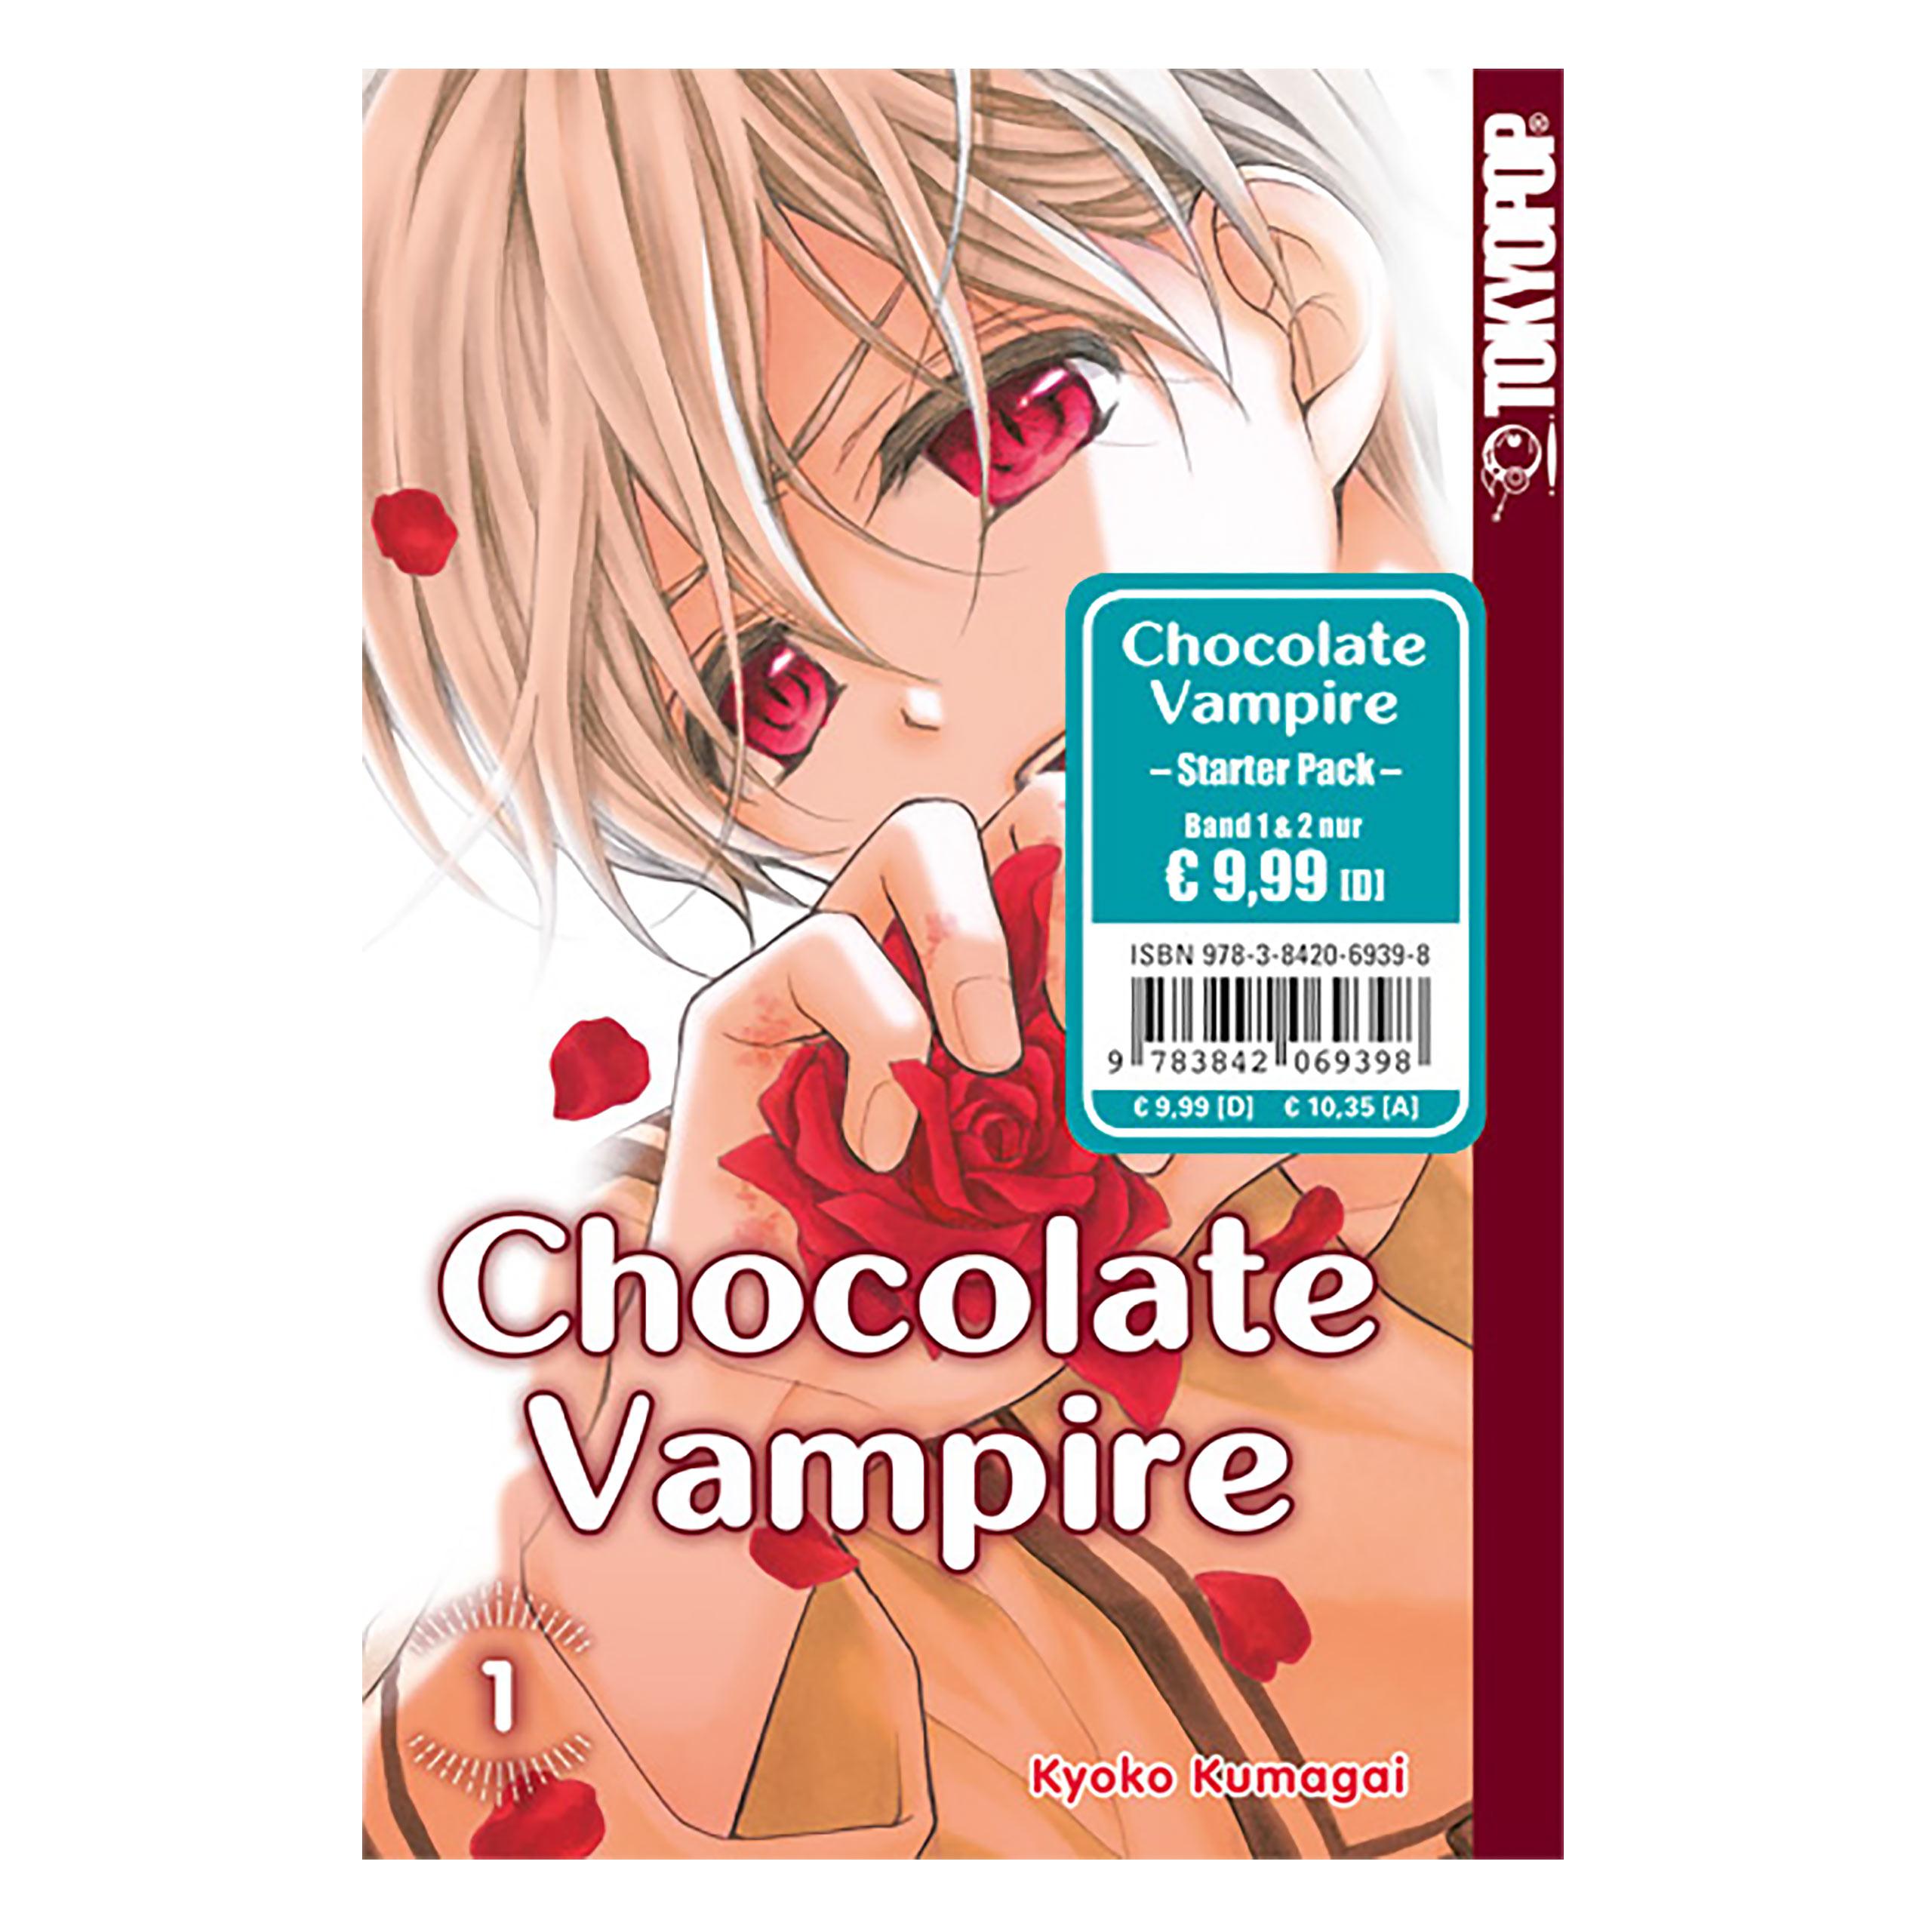 Chocolate Vampire - Band 1 und 2 Taschenbuch Starter Pack